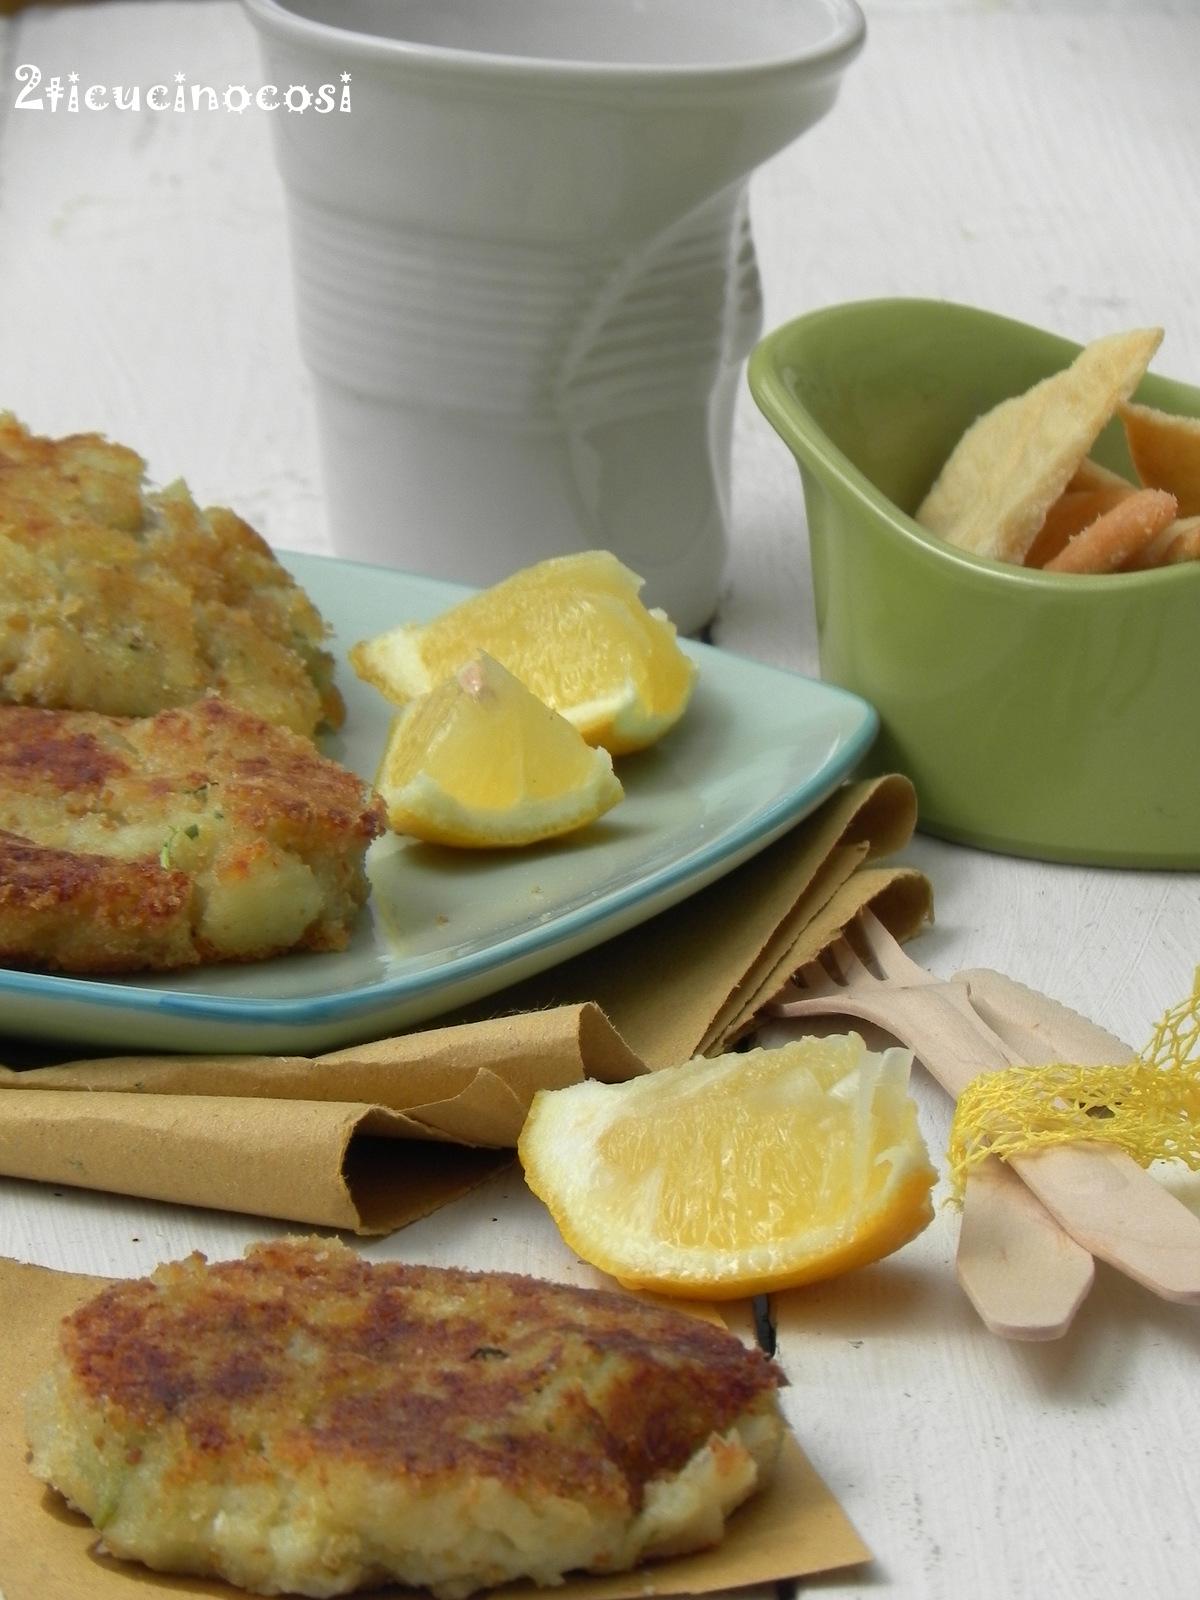 Ti cucino cos a tavola con i figli frittini di patate e merluzzo - A tavola con gli hobbit pdf ...